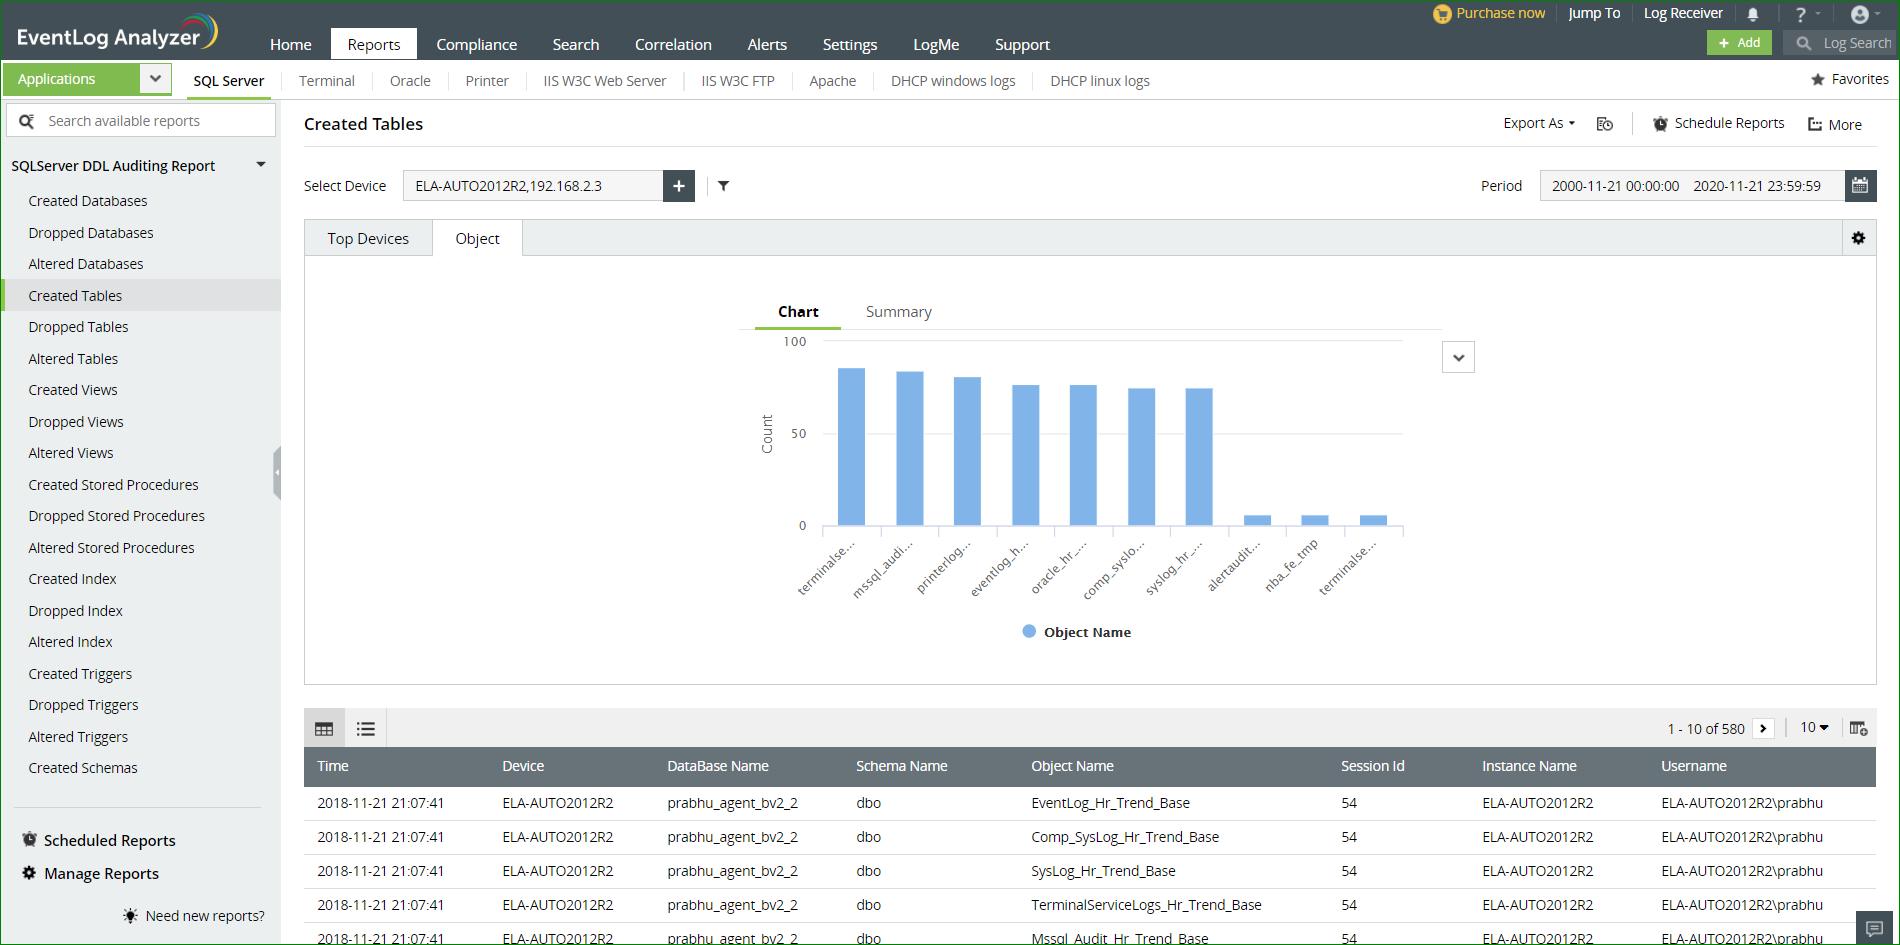 Raporty inspekcji DDL serwera MS SQL: Monitorowanie zmian DDL